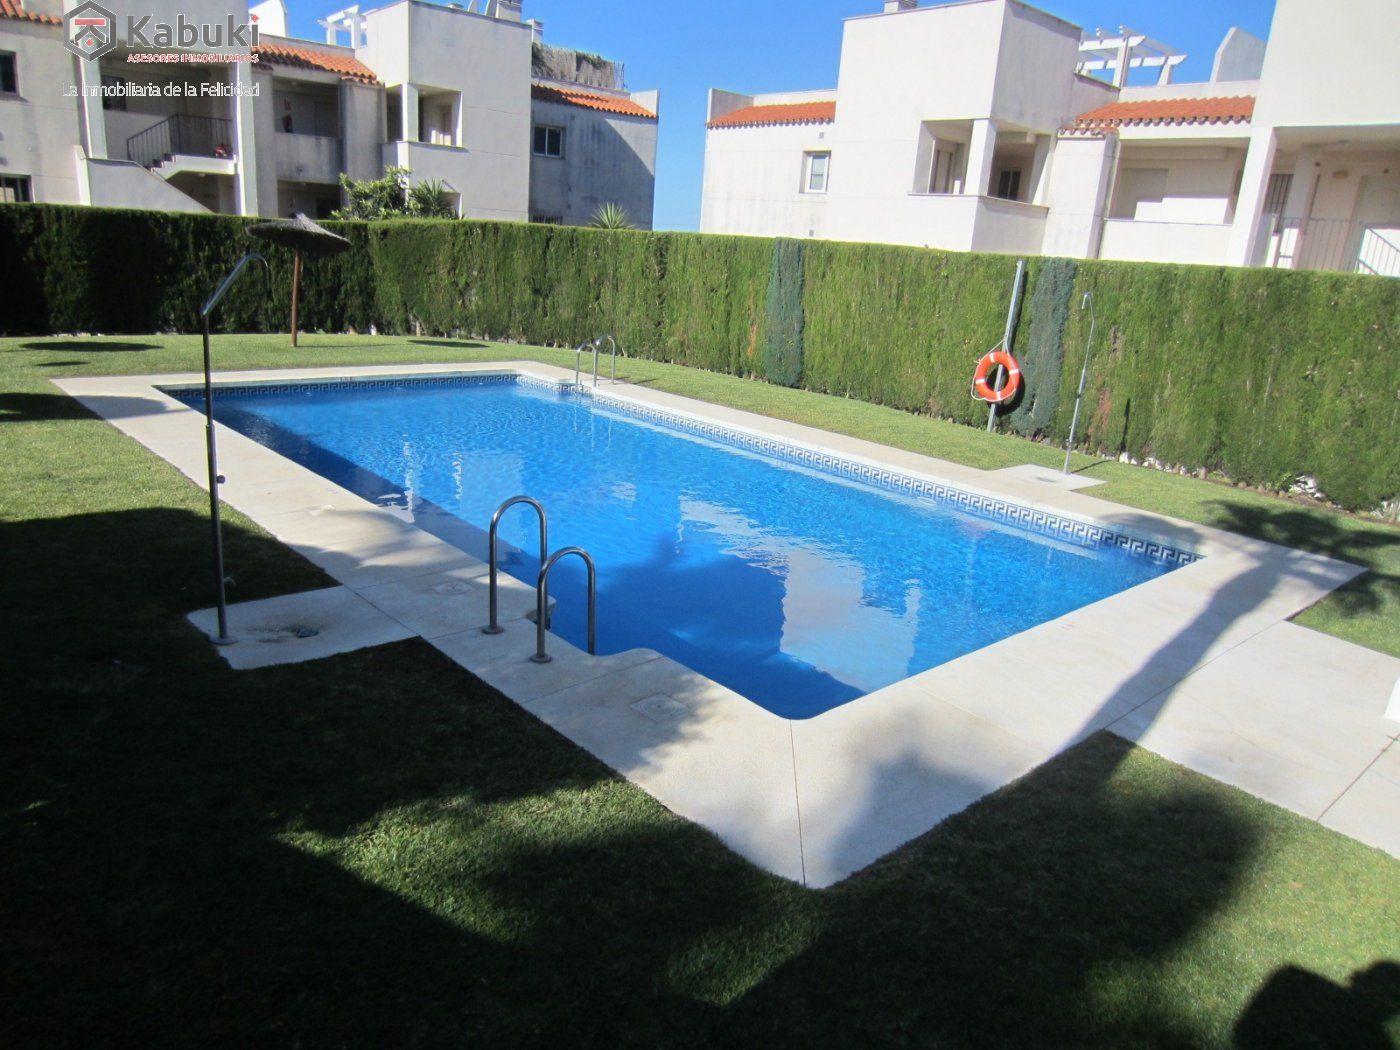 Coqueto apartamento en mijas, a un paso del mar. en urbanización con piscina. - imagenInmueble30